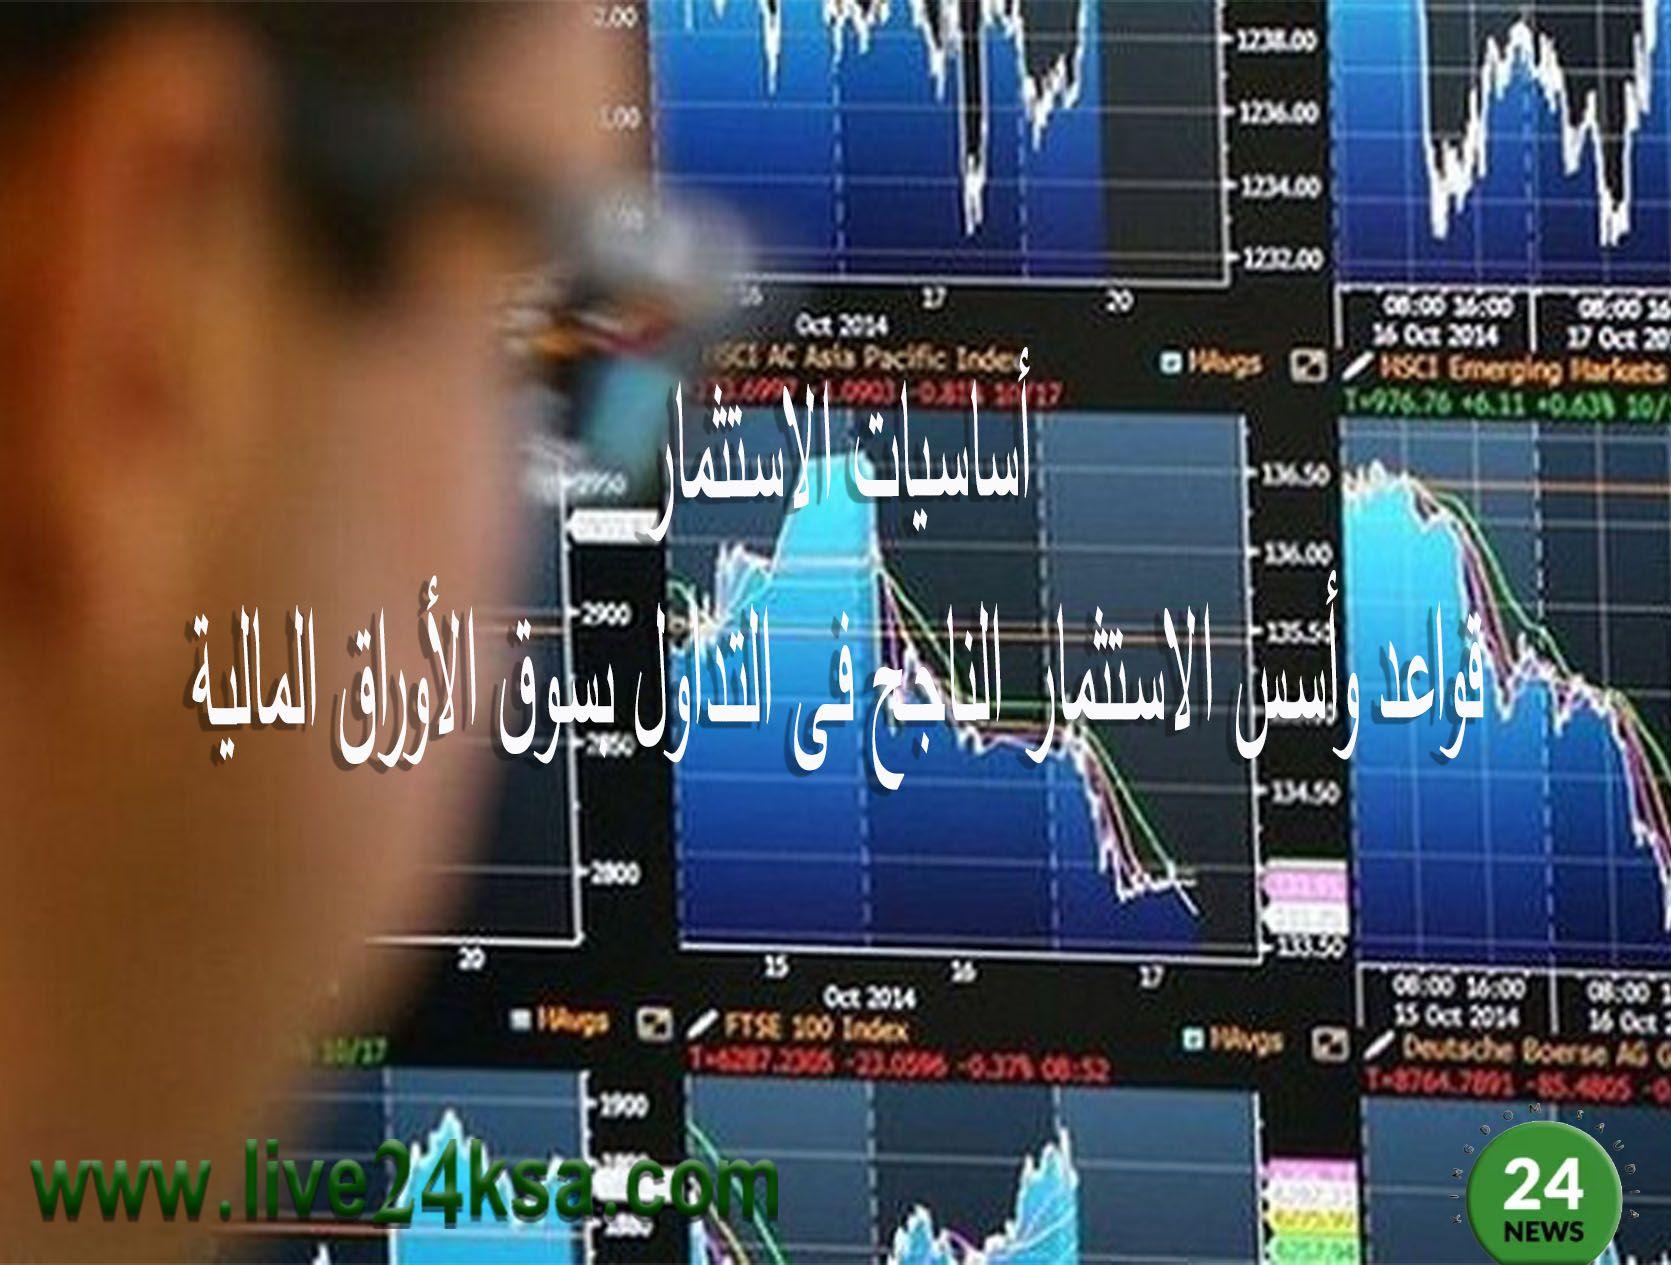 أساسيات الاستثمار قواعد وأسس الاستثمار الناجح فى التداول بسوق الأوراق المالية Pacific